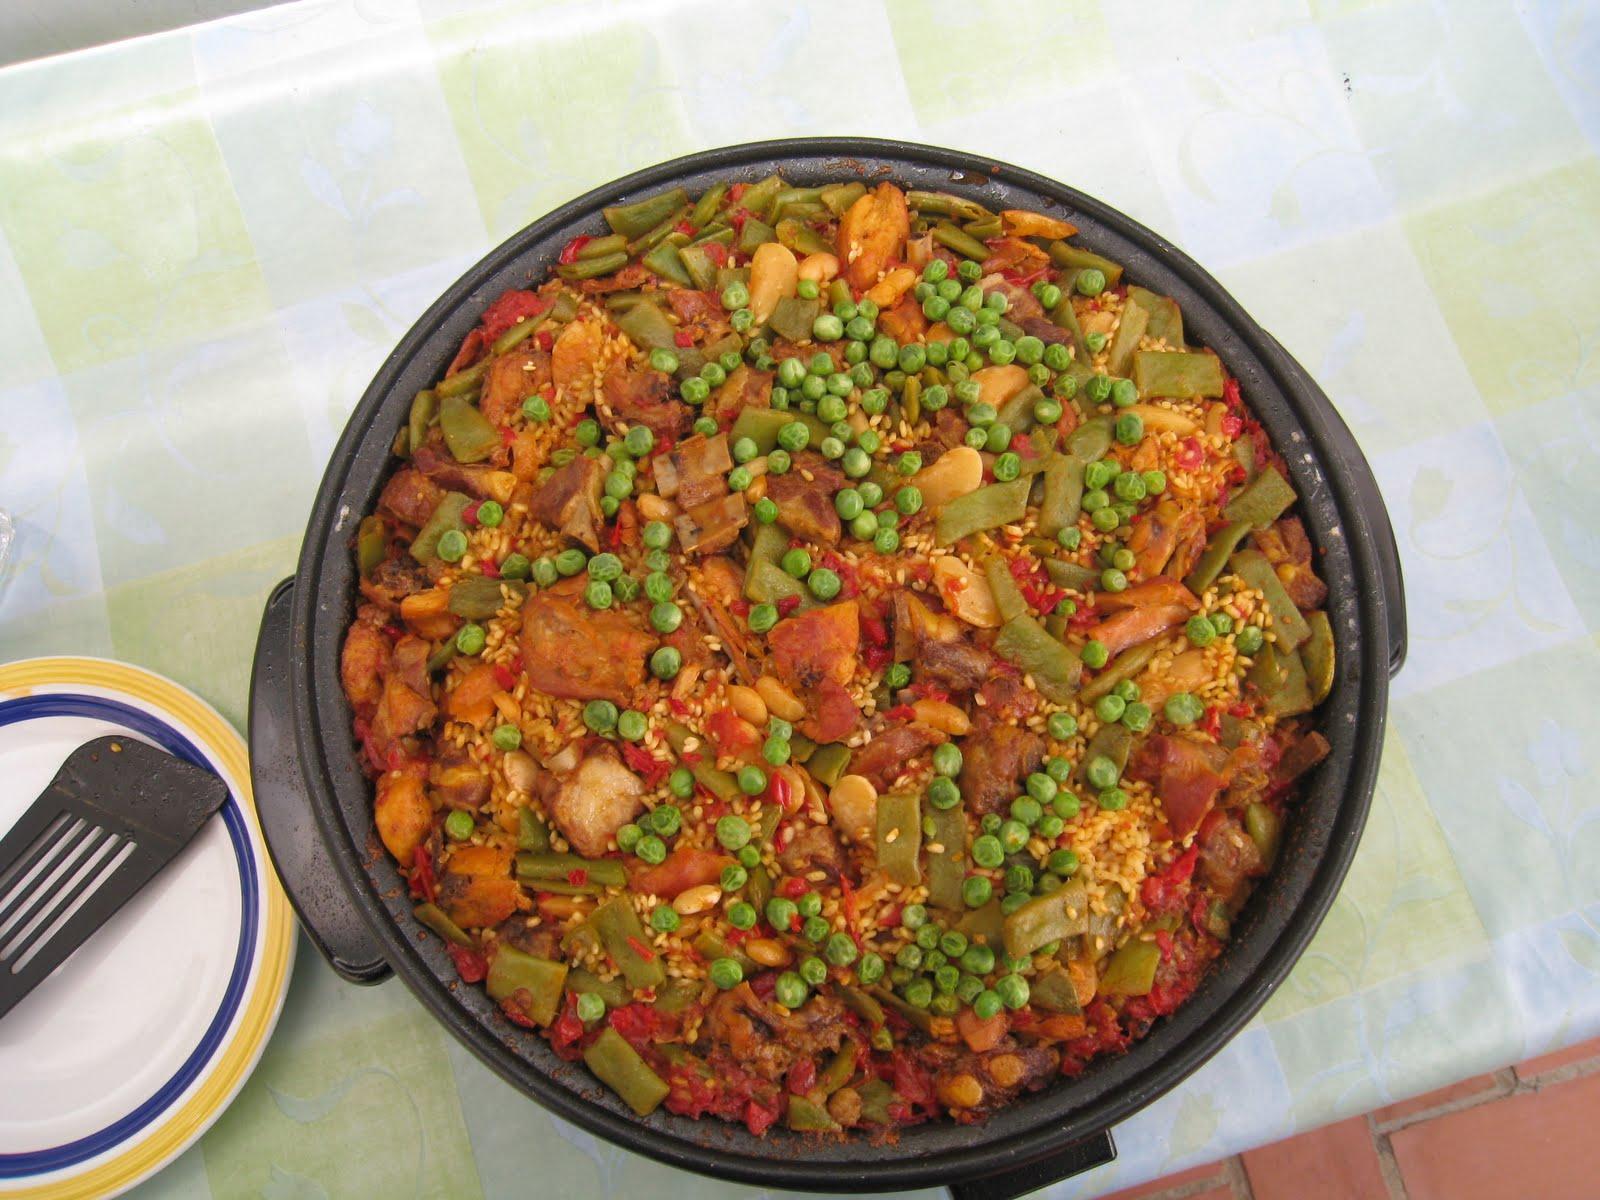 Familia mahecha gomez como hacer paella valenciana verduras y carne o mixta - Como cocinar paella ...